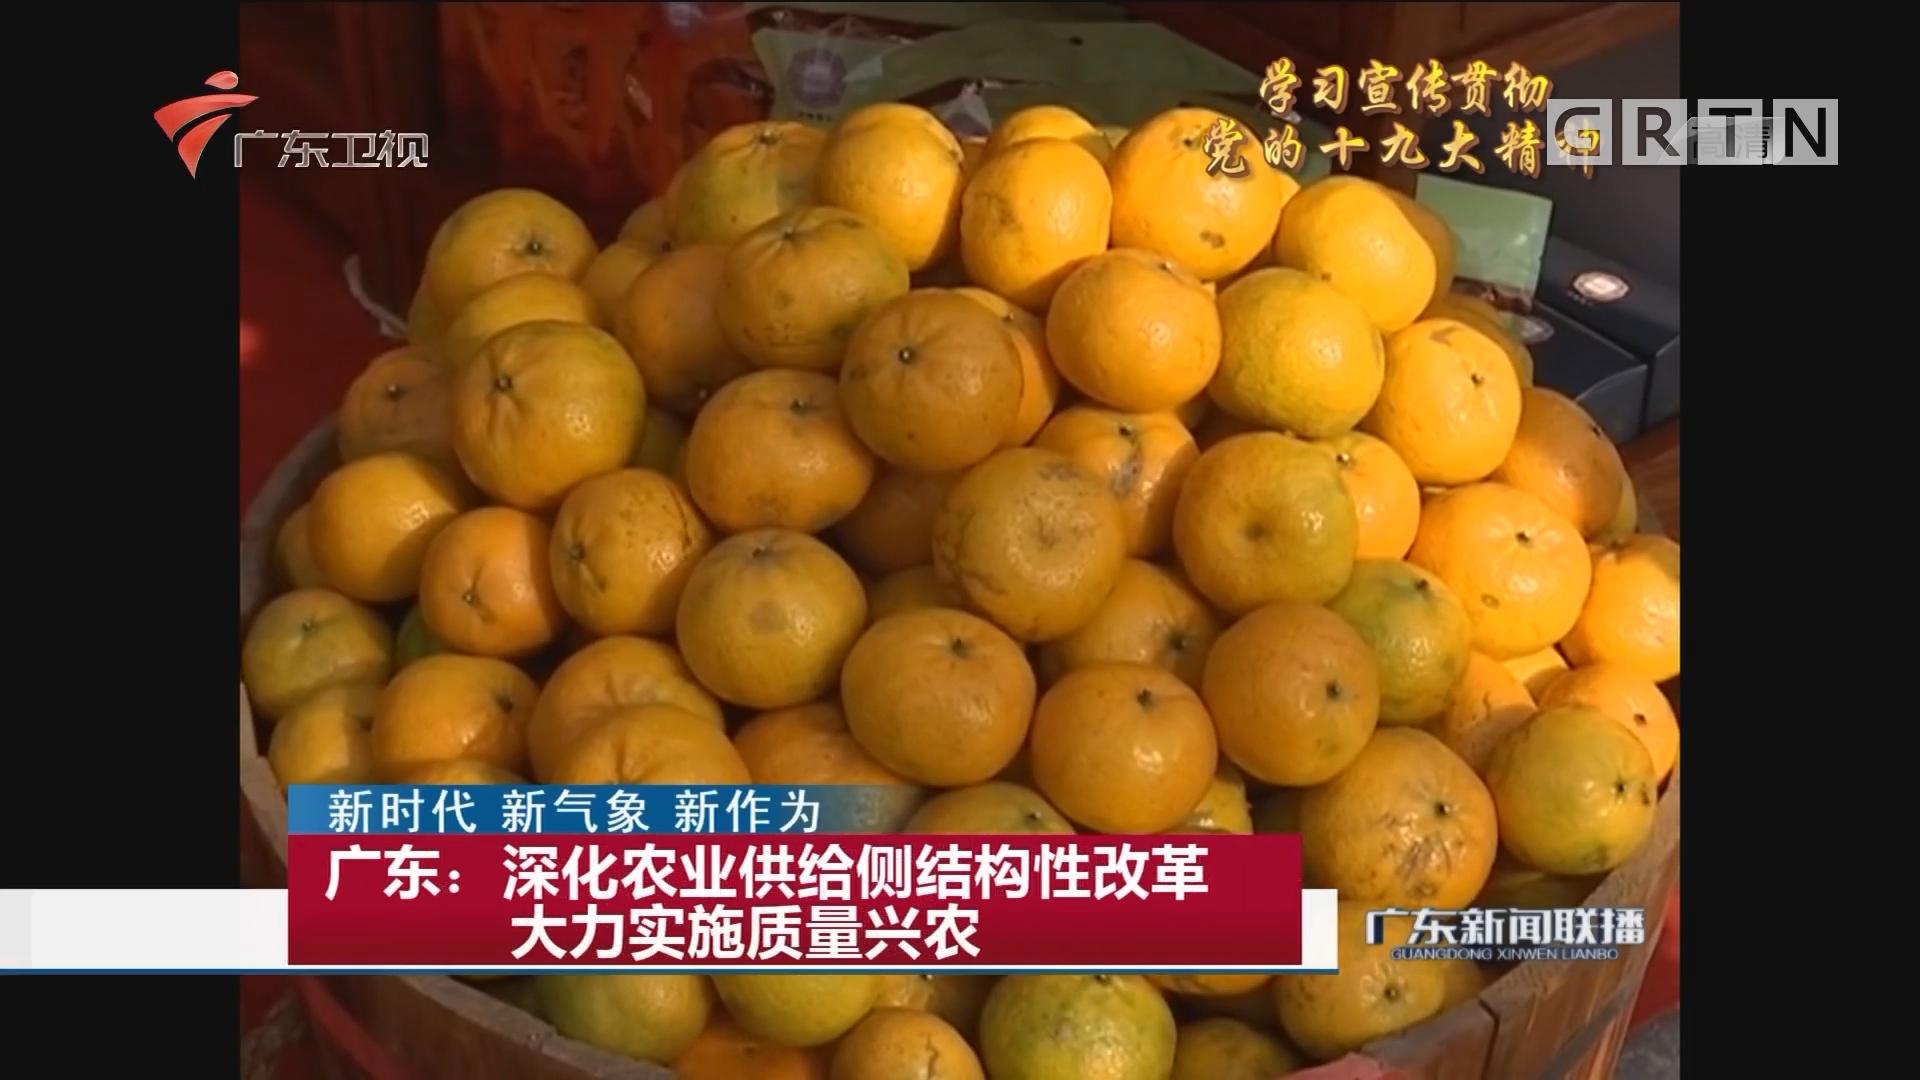 广东:深化农业供给侧结构性改革 大力实施质量兴农